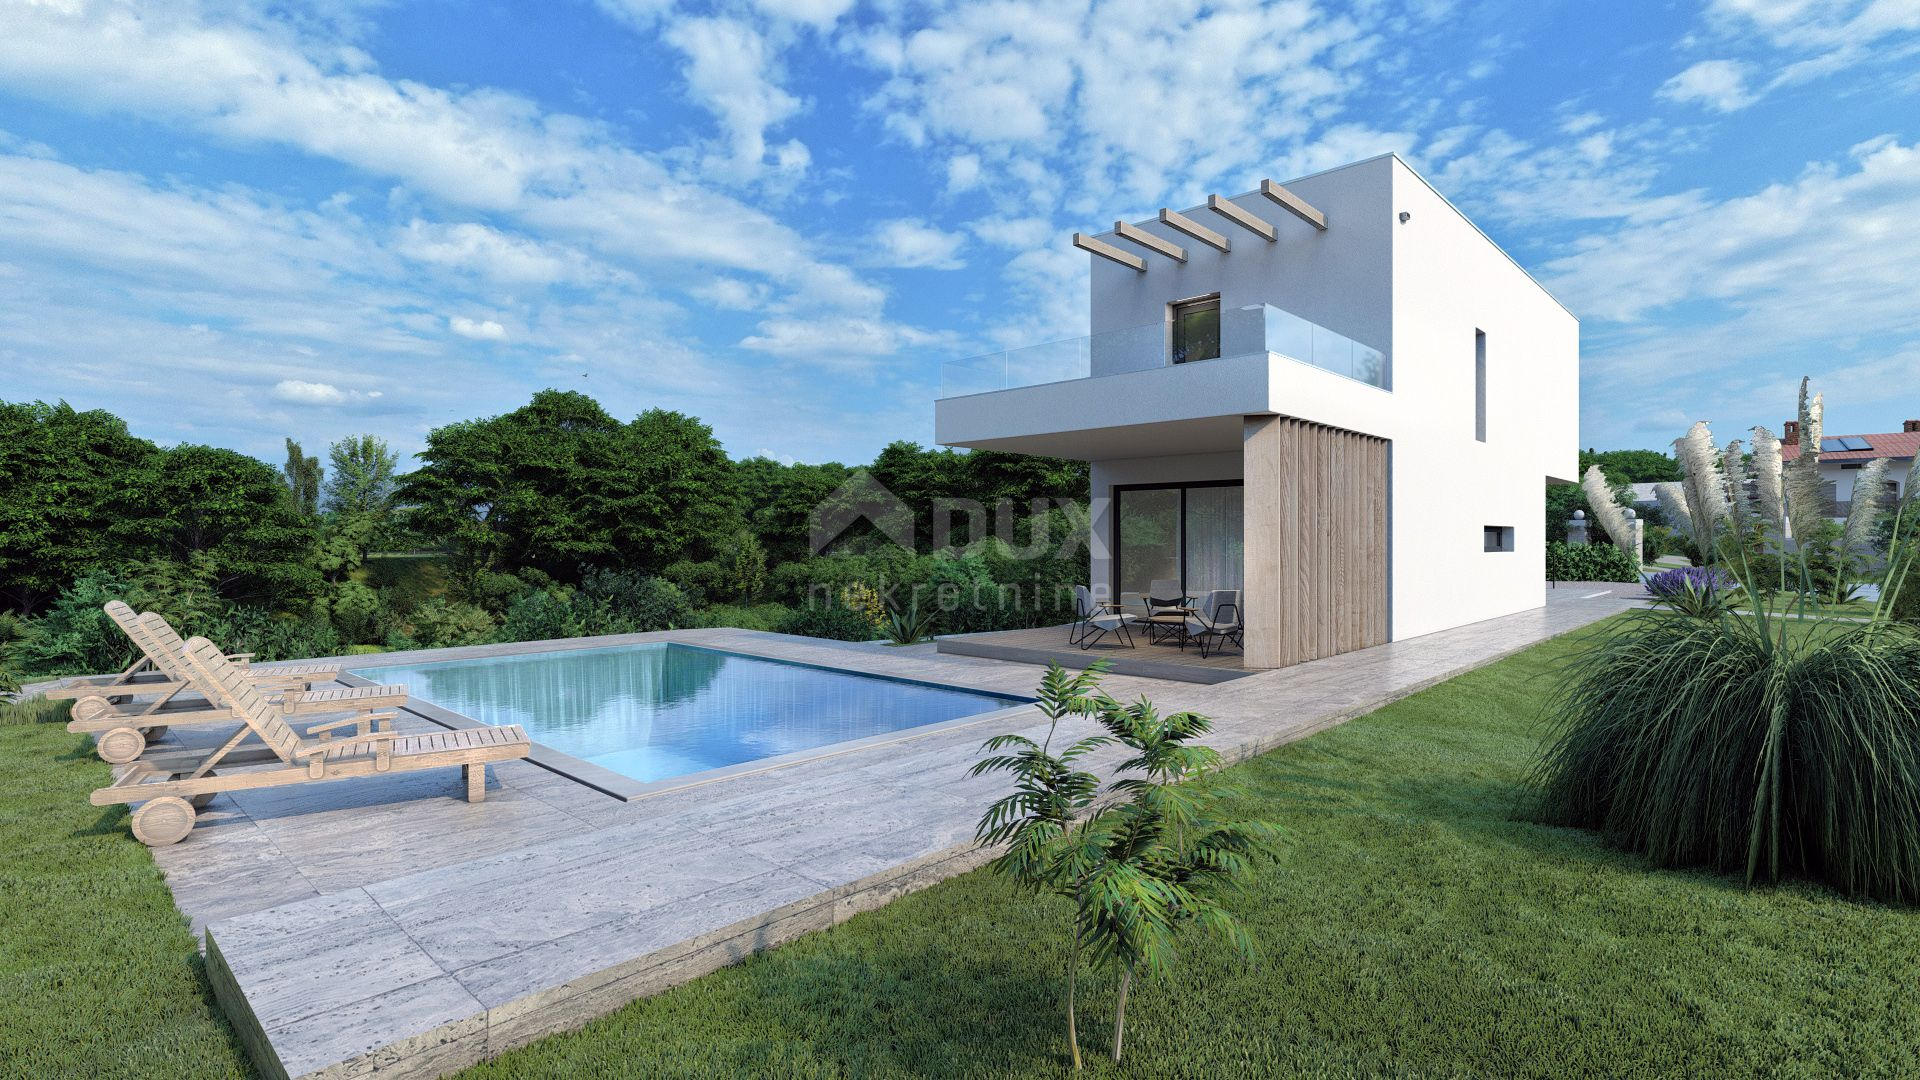 ŽMINJ - kuća 183,83 m2 sa bazenom i ogromnom okućnicom cca 3100m2